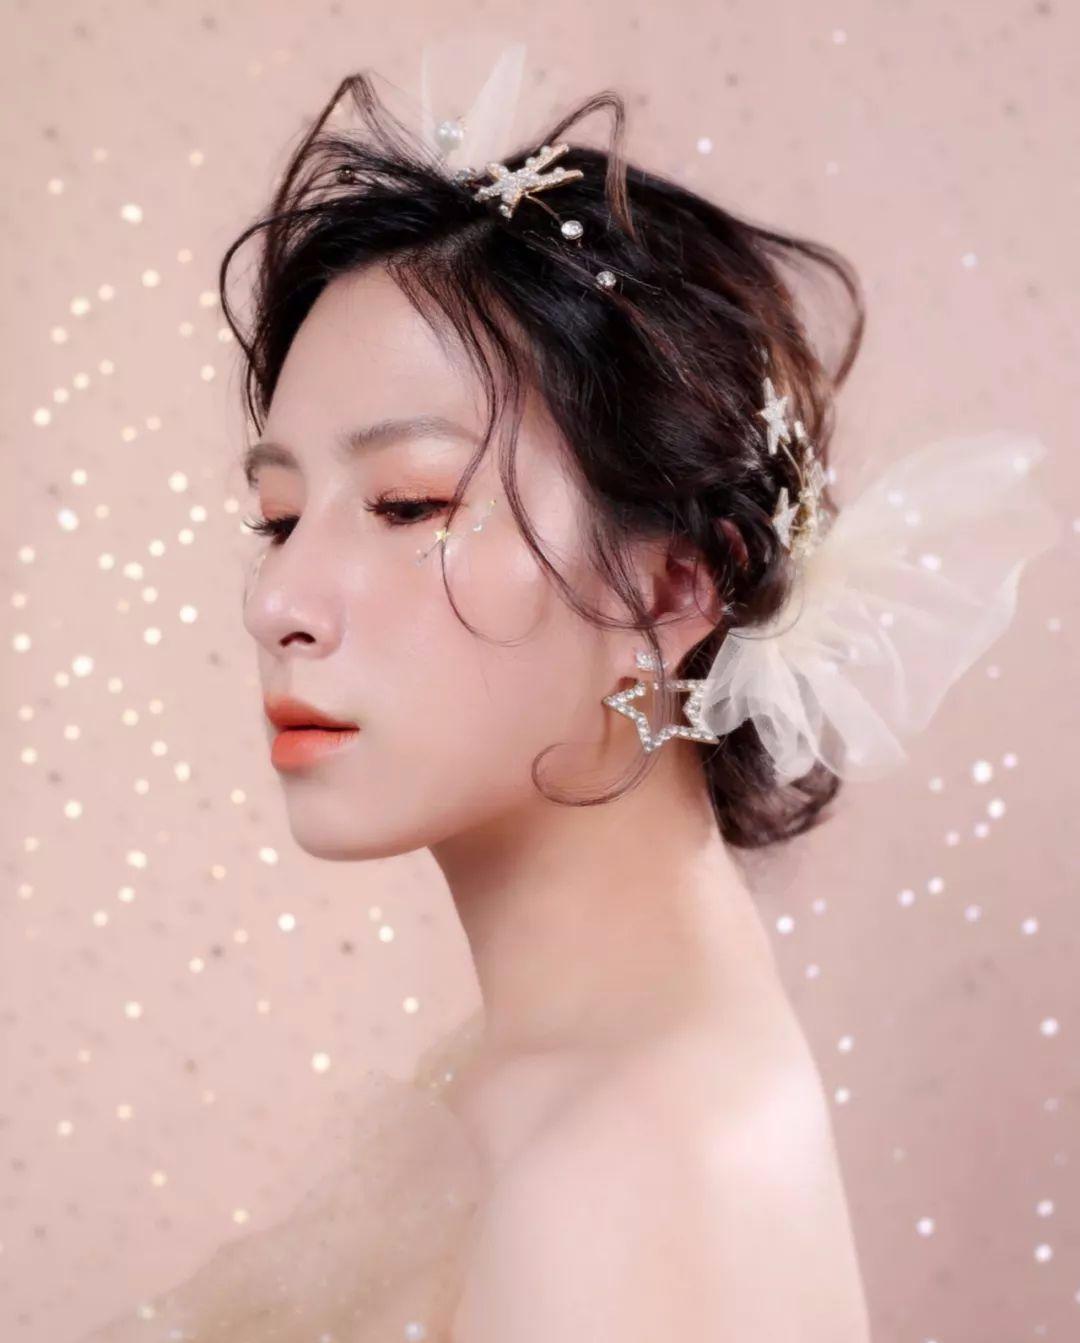 每一个都超美啊,好喜欢,结婚,拍写真,来丘比特婚纱摄影,资深化妆师